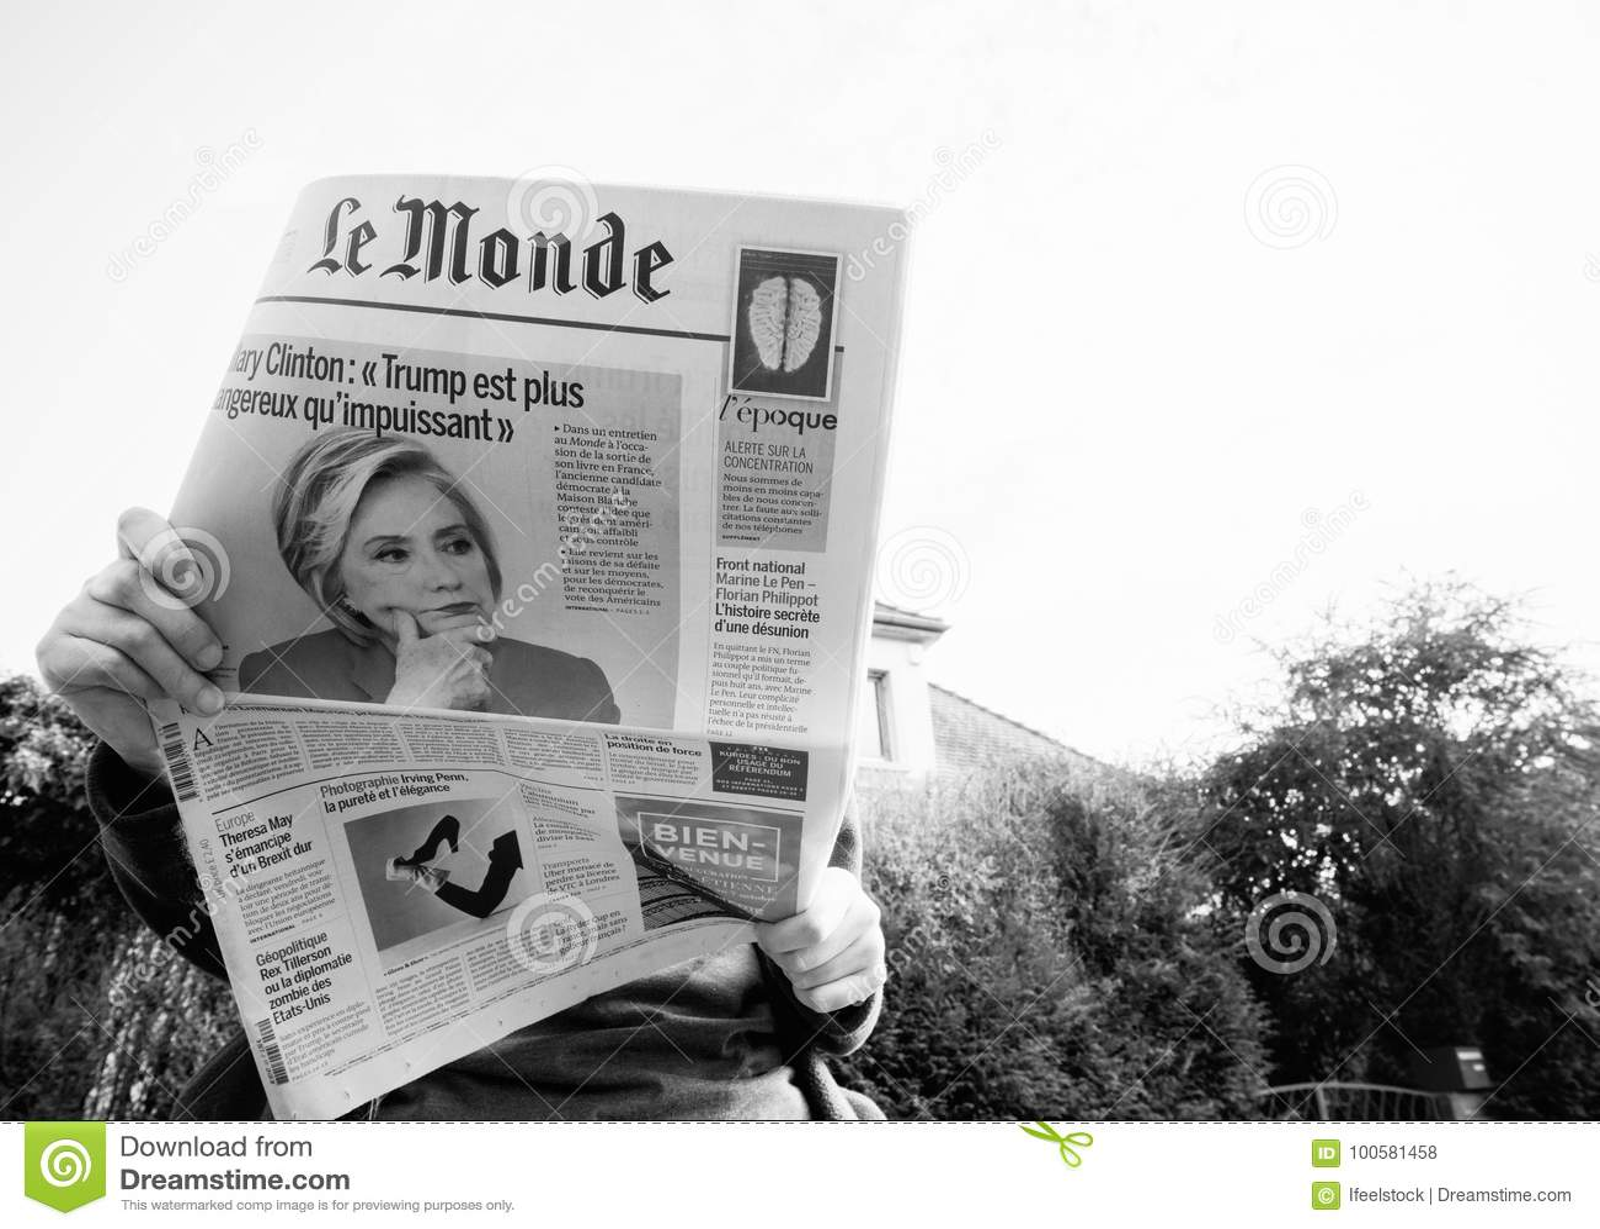 Взгляд снизу женщины читая самую последнюю газету Le Monde с портретом Хиллари Клинтон